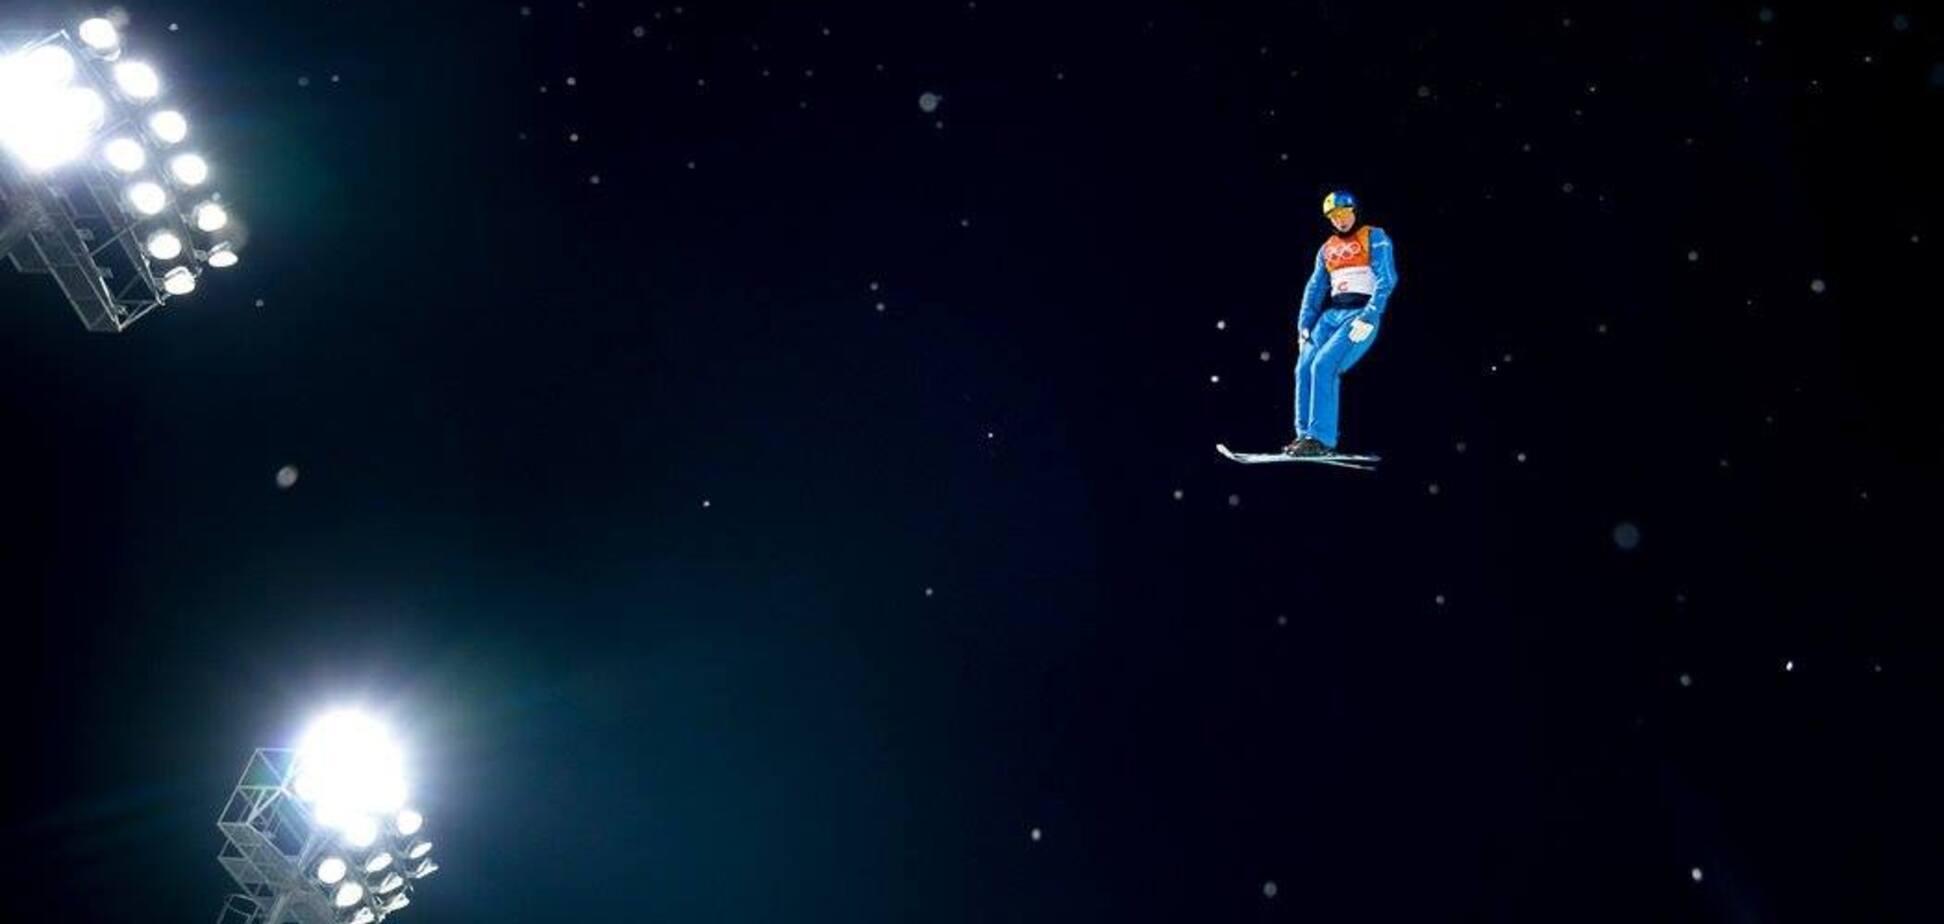 'Потрясающе!' Украинский олимпийский чемпион Пхенчхана произвел фурор в США